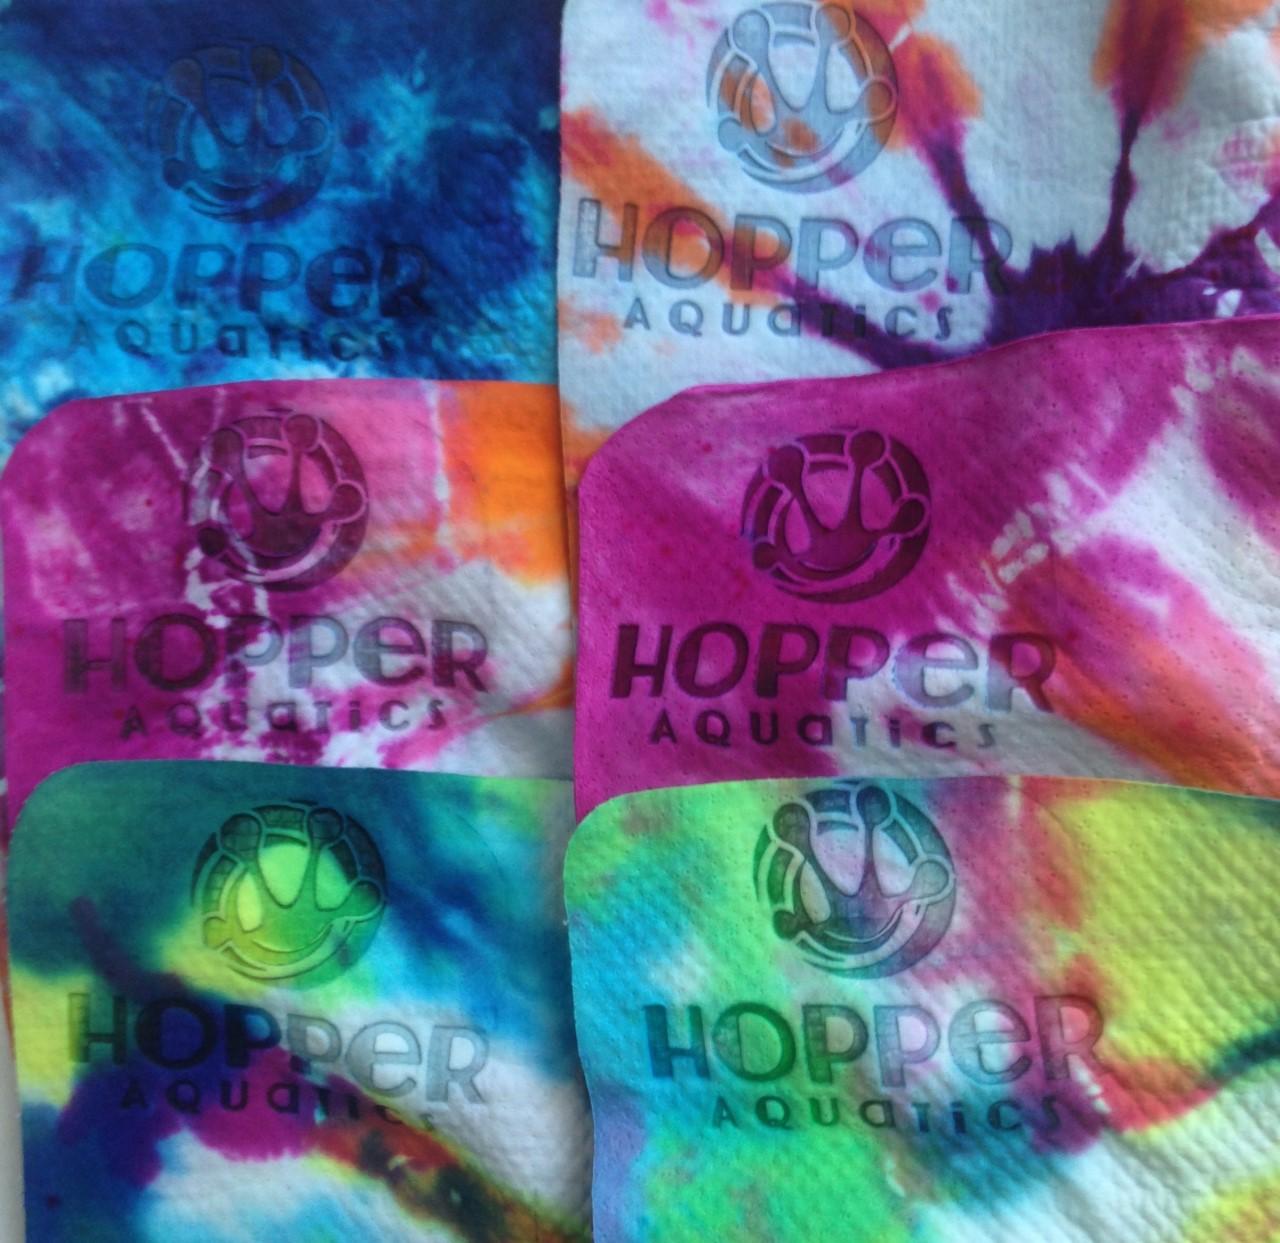 Hopper Aquatics